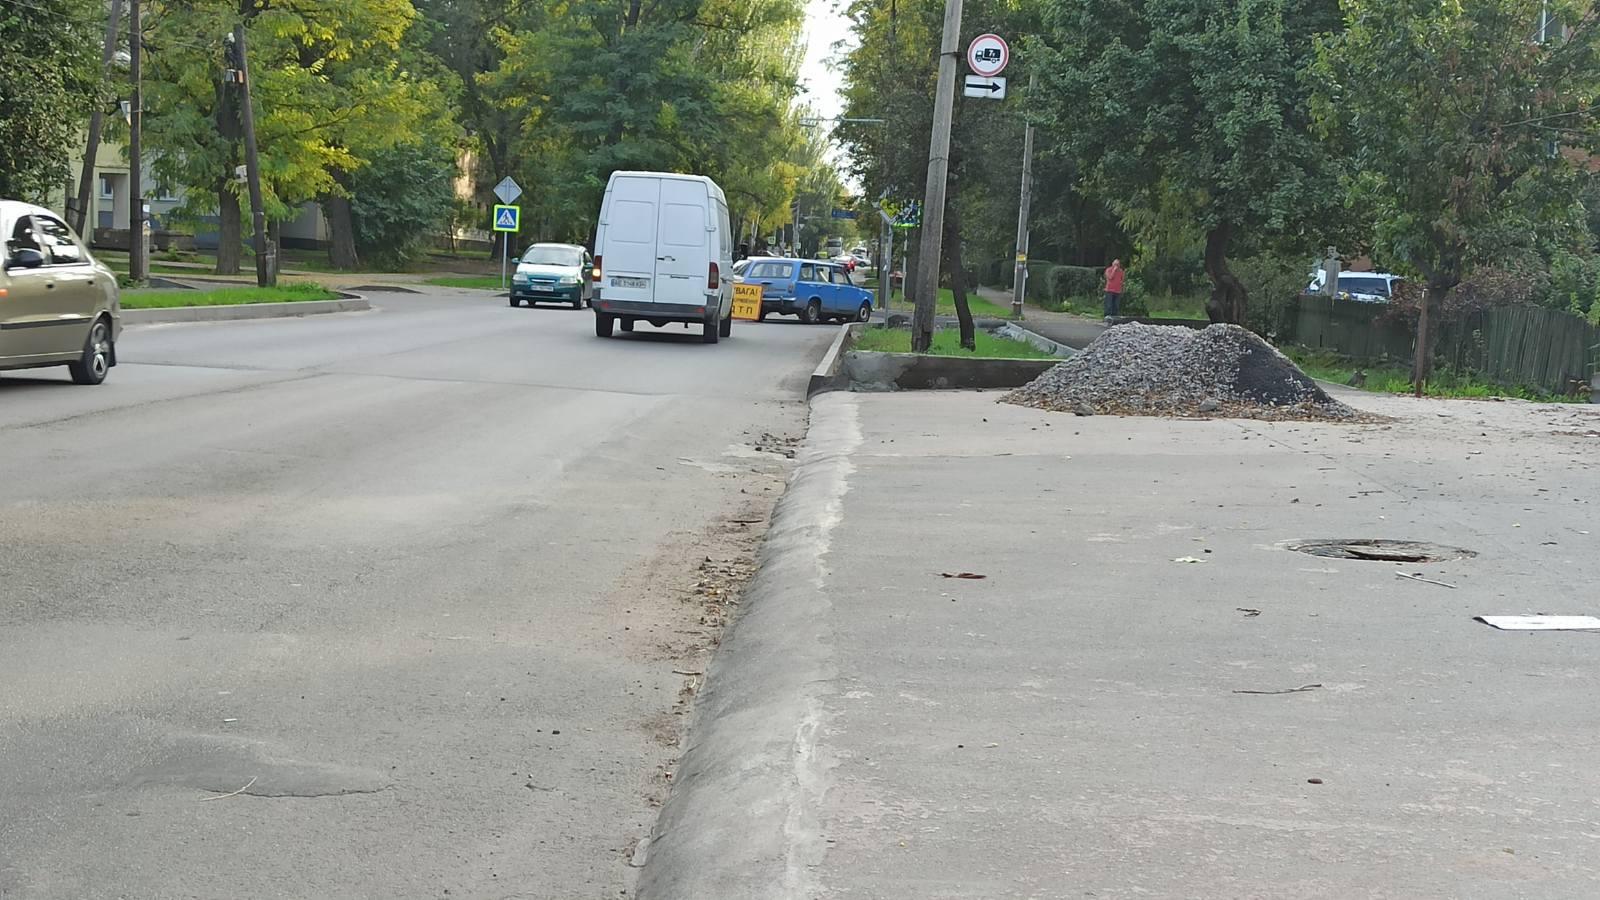 В Никополе на перекрестке столкнулись ВАЗ-2102 и ВАЗ-2107